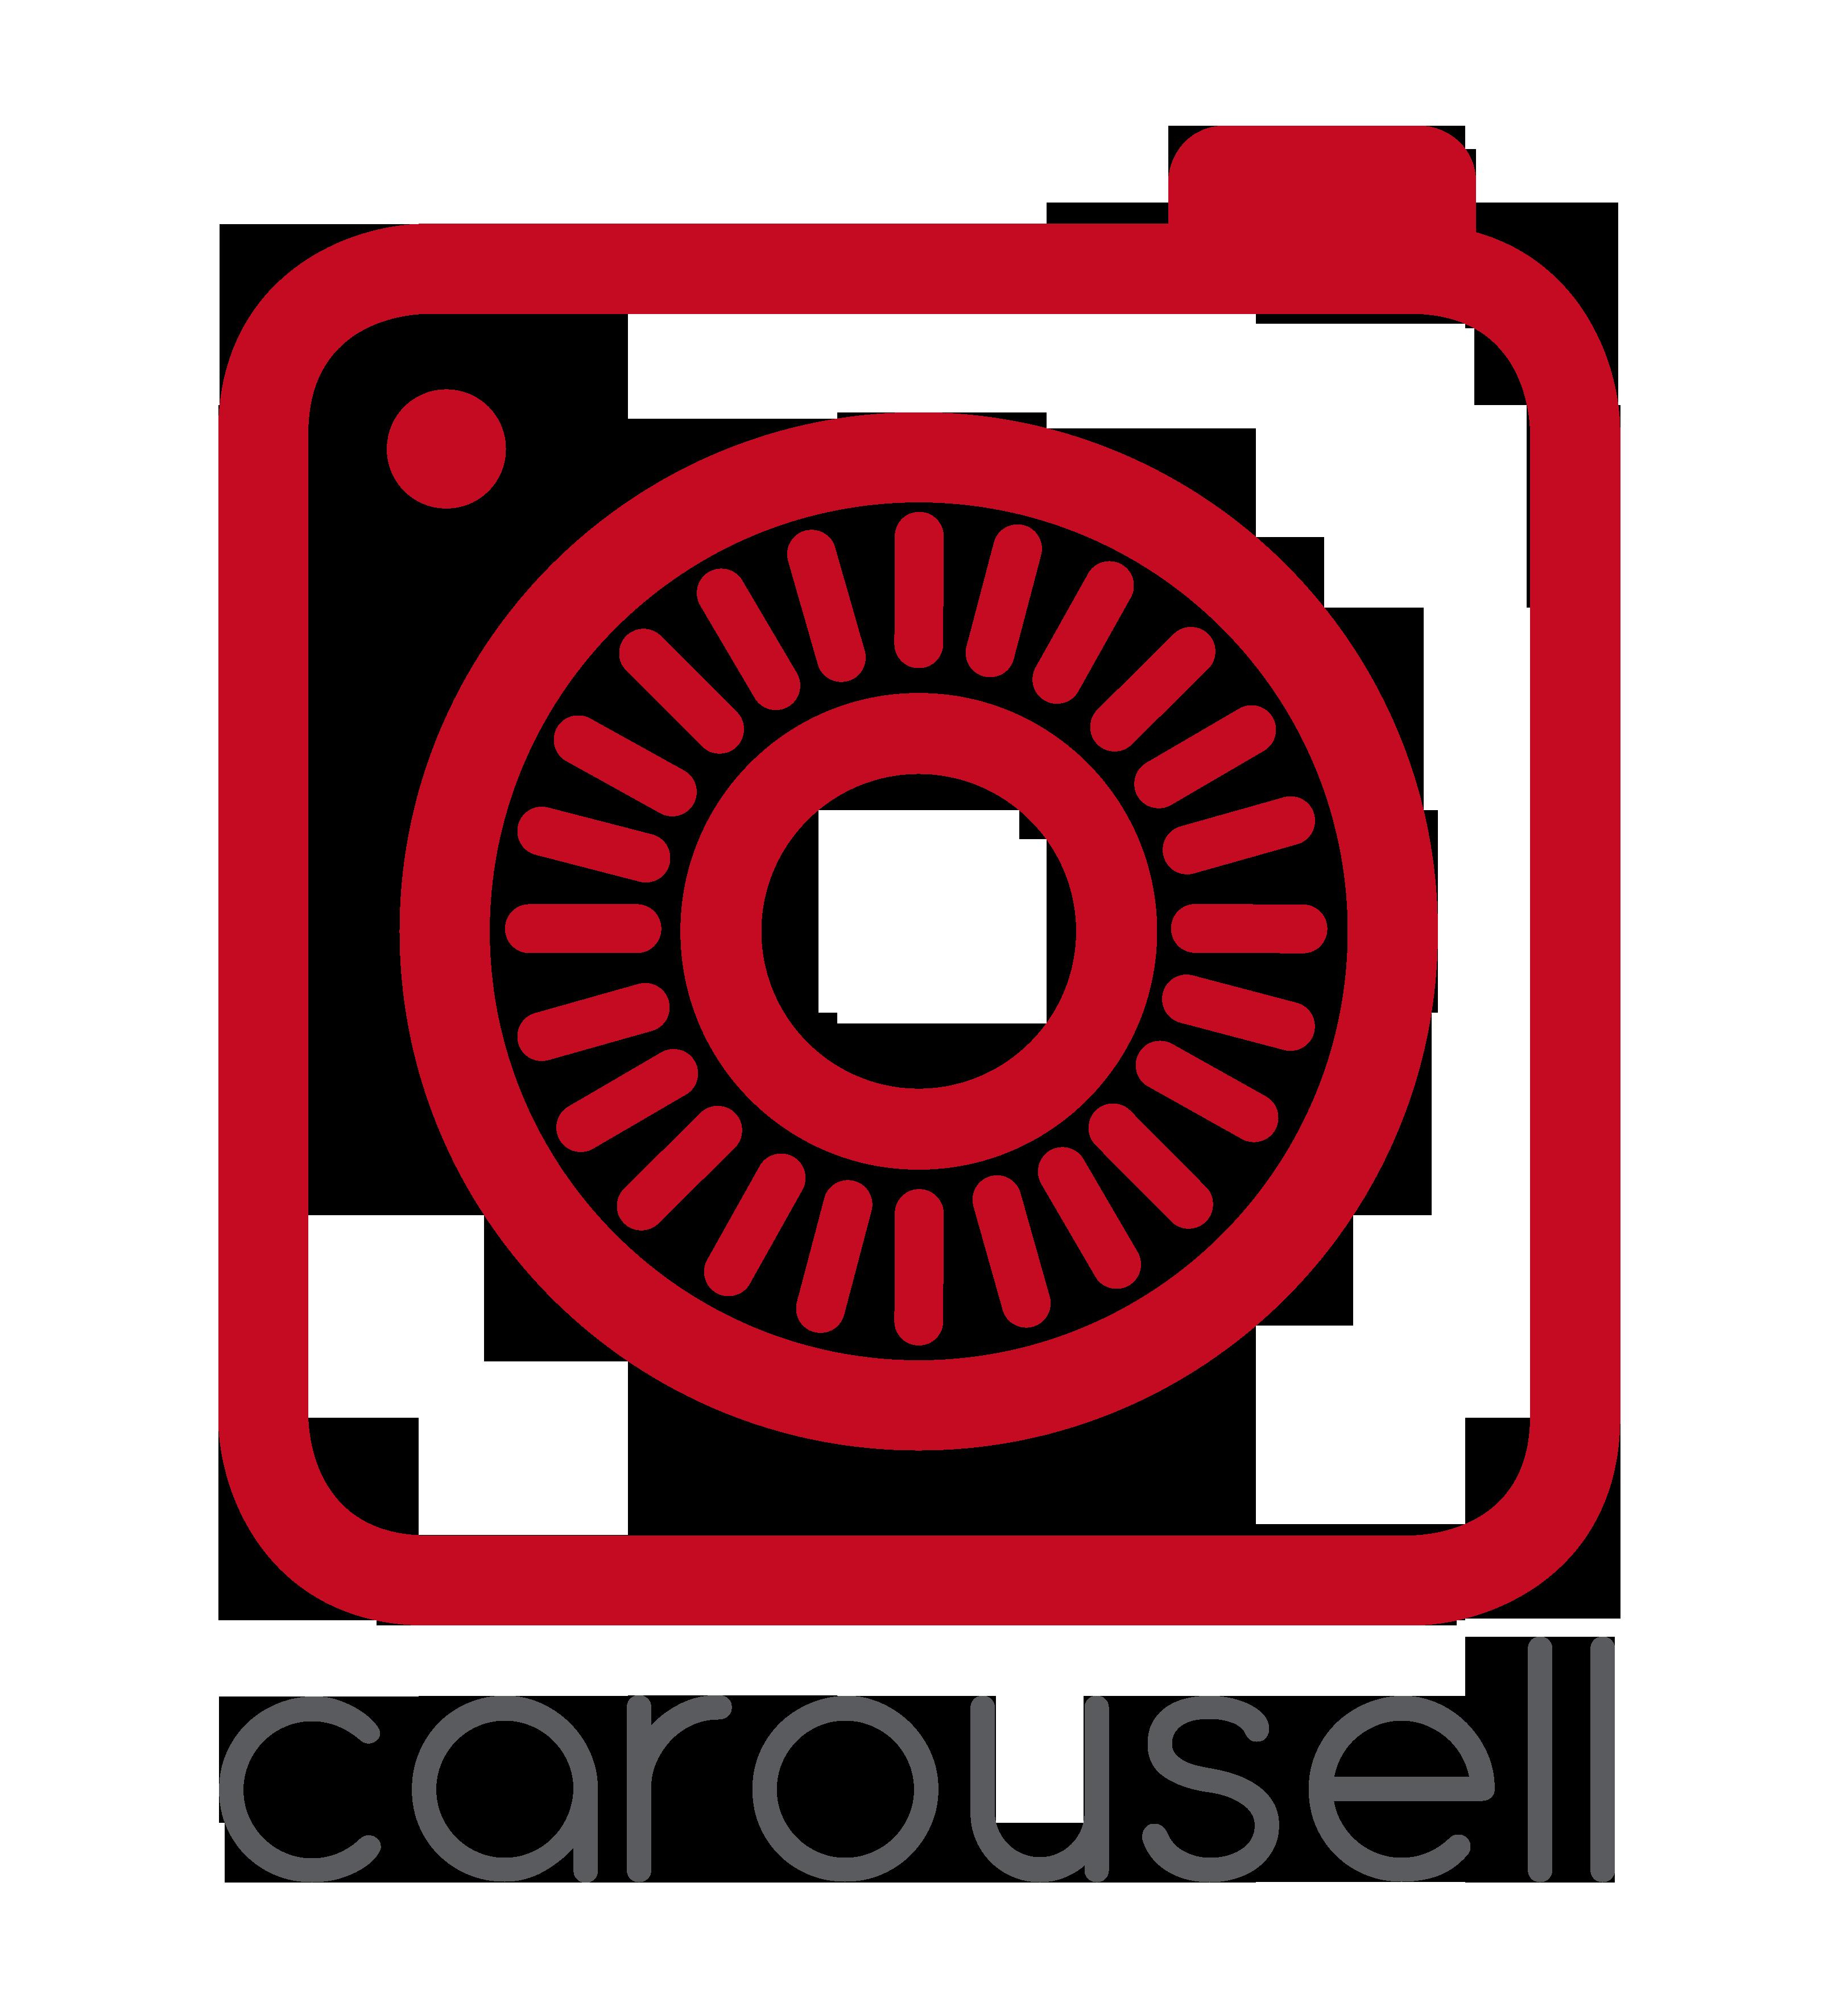 Carousell.id (カルーセルマレーシア)